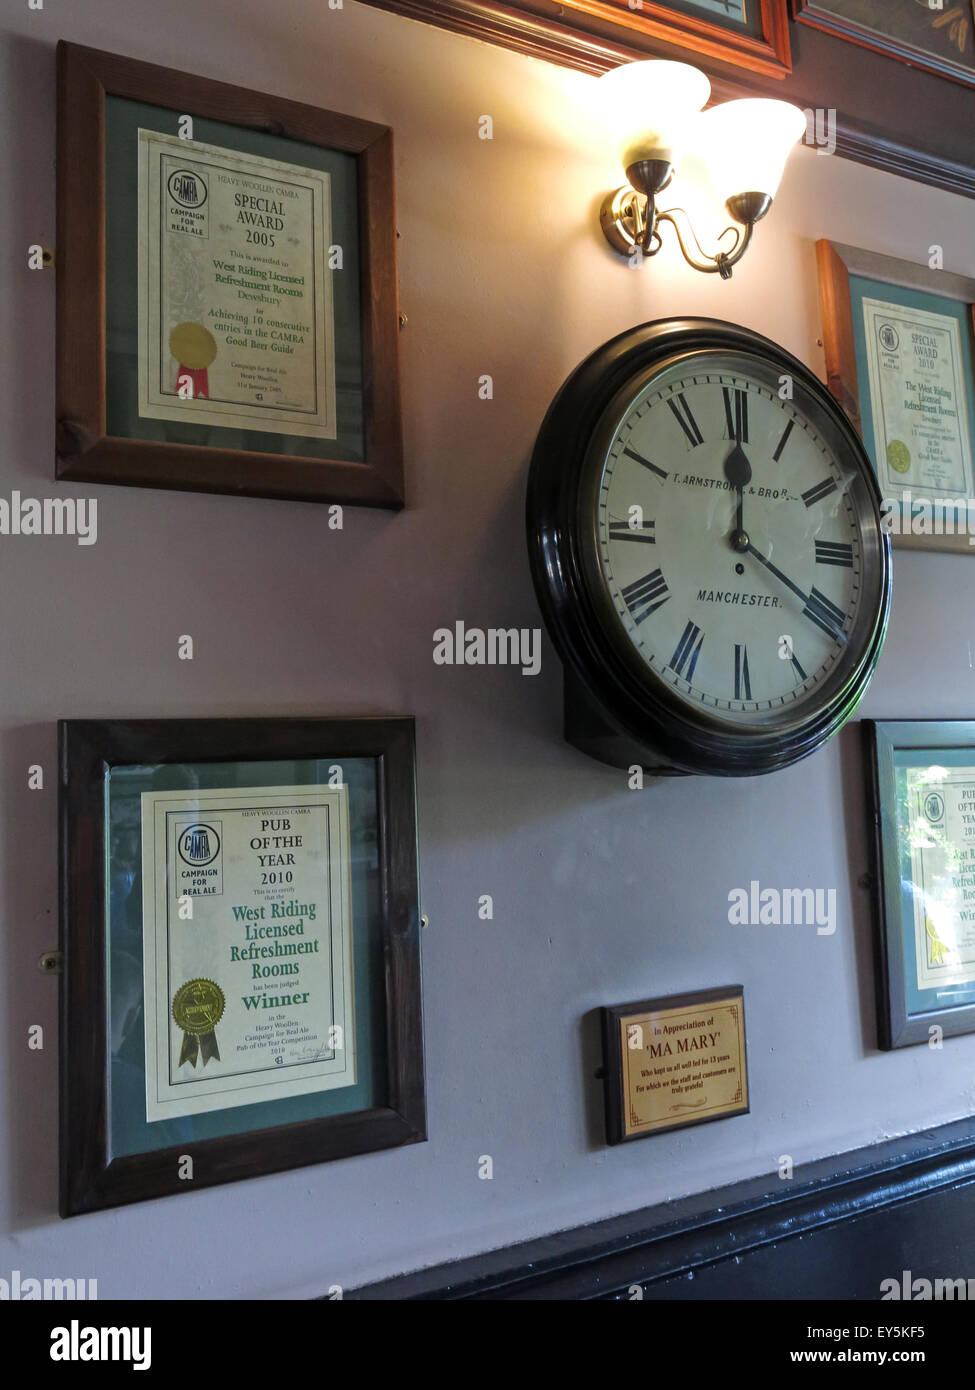 West Riding Pub, Dewsbury Railway Station, West Yorkshire, England, UK - clock & CAMRA certificates - Stock Image